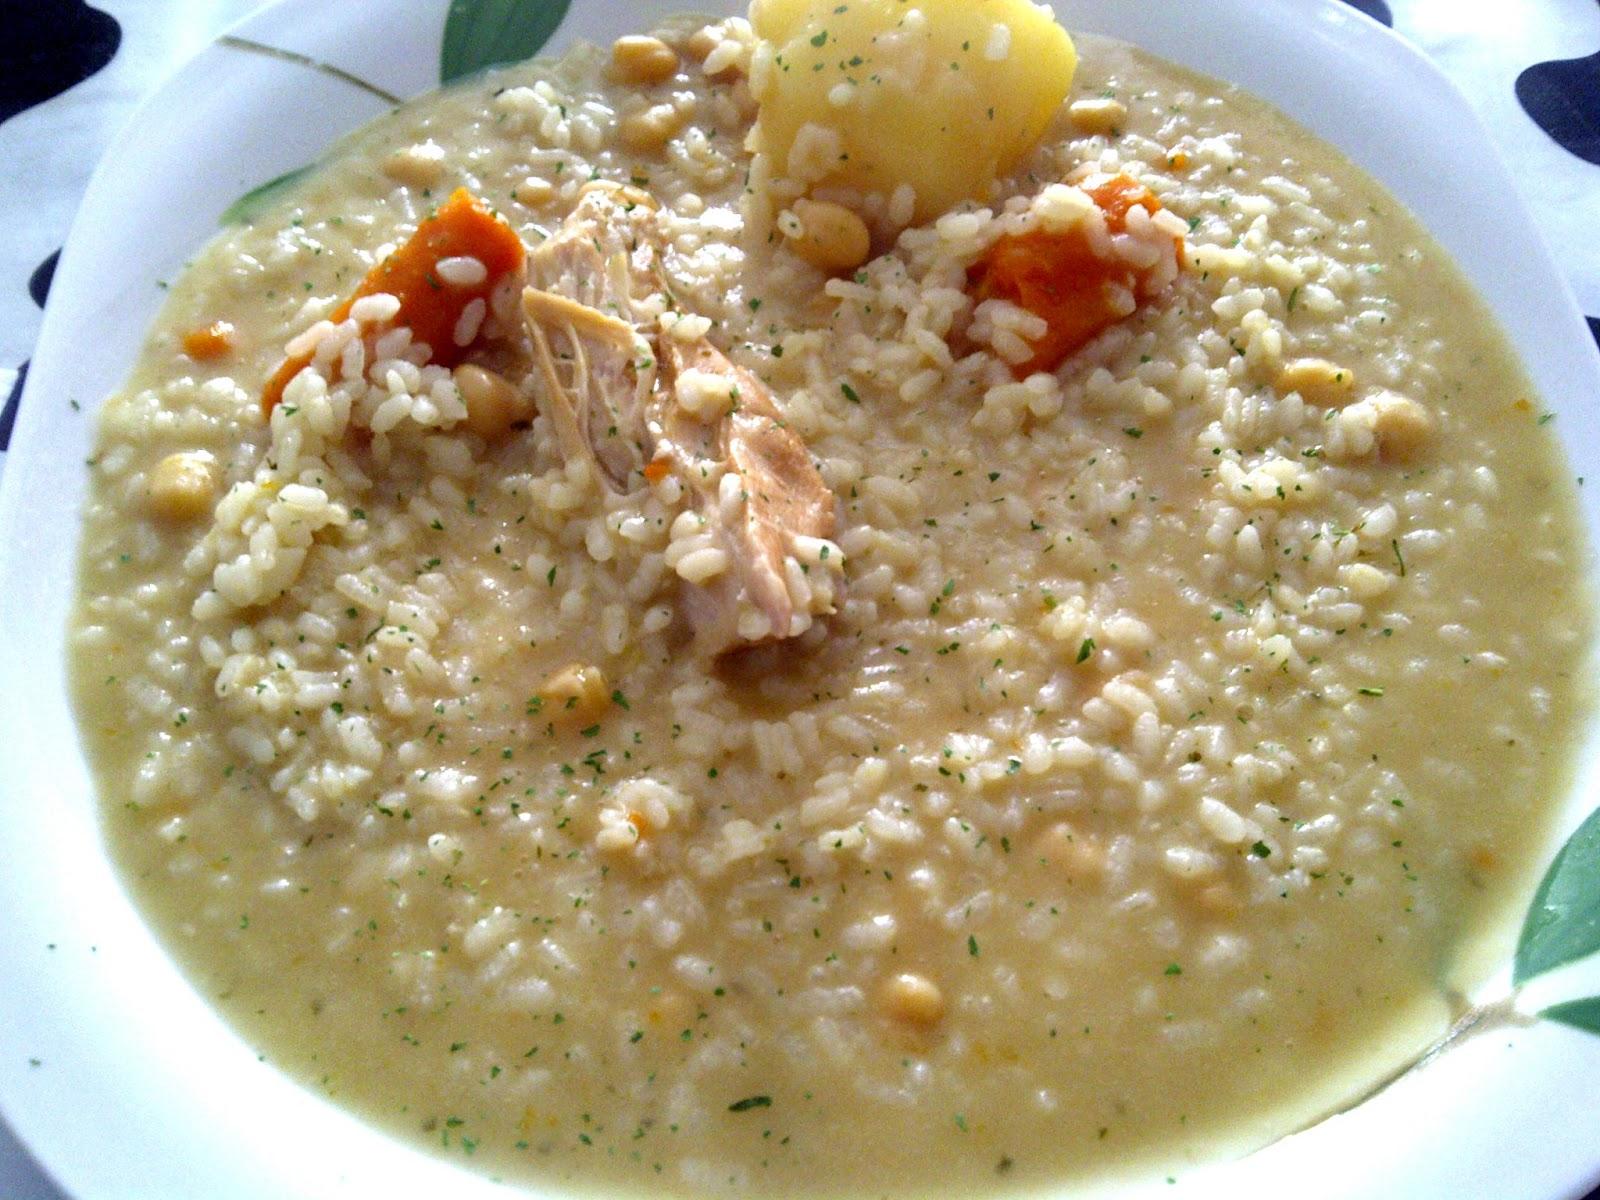 Recetas de cuchara y caldos en 30 minutos: Puchero Andaluz